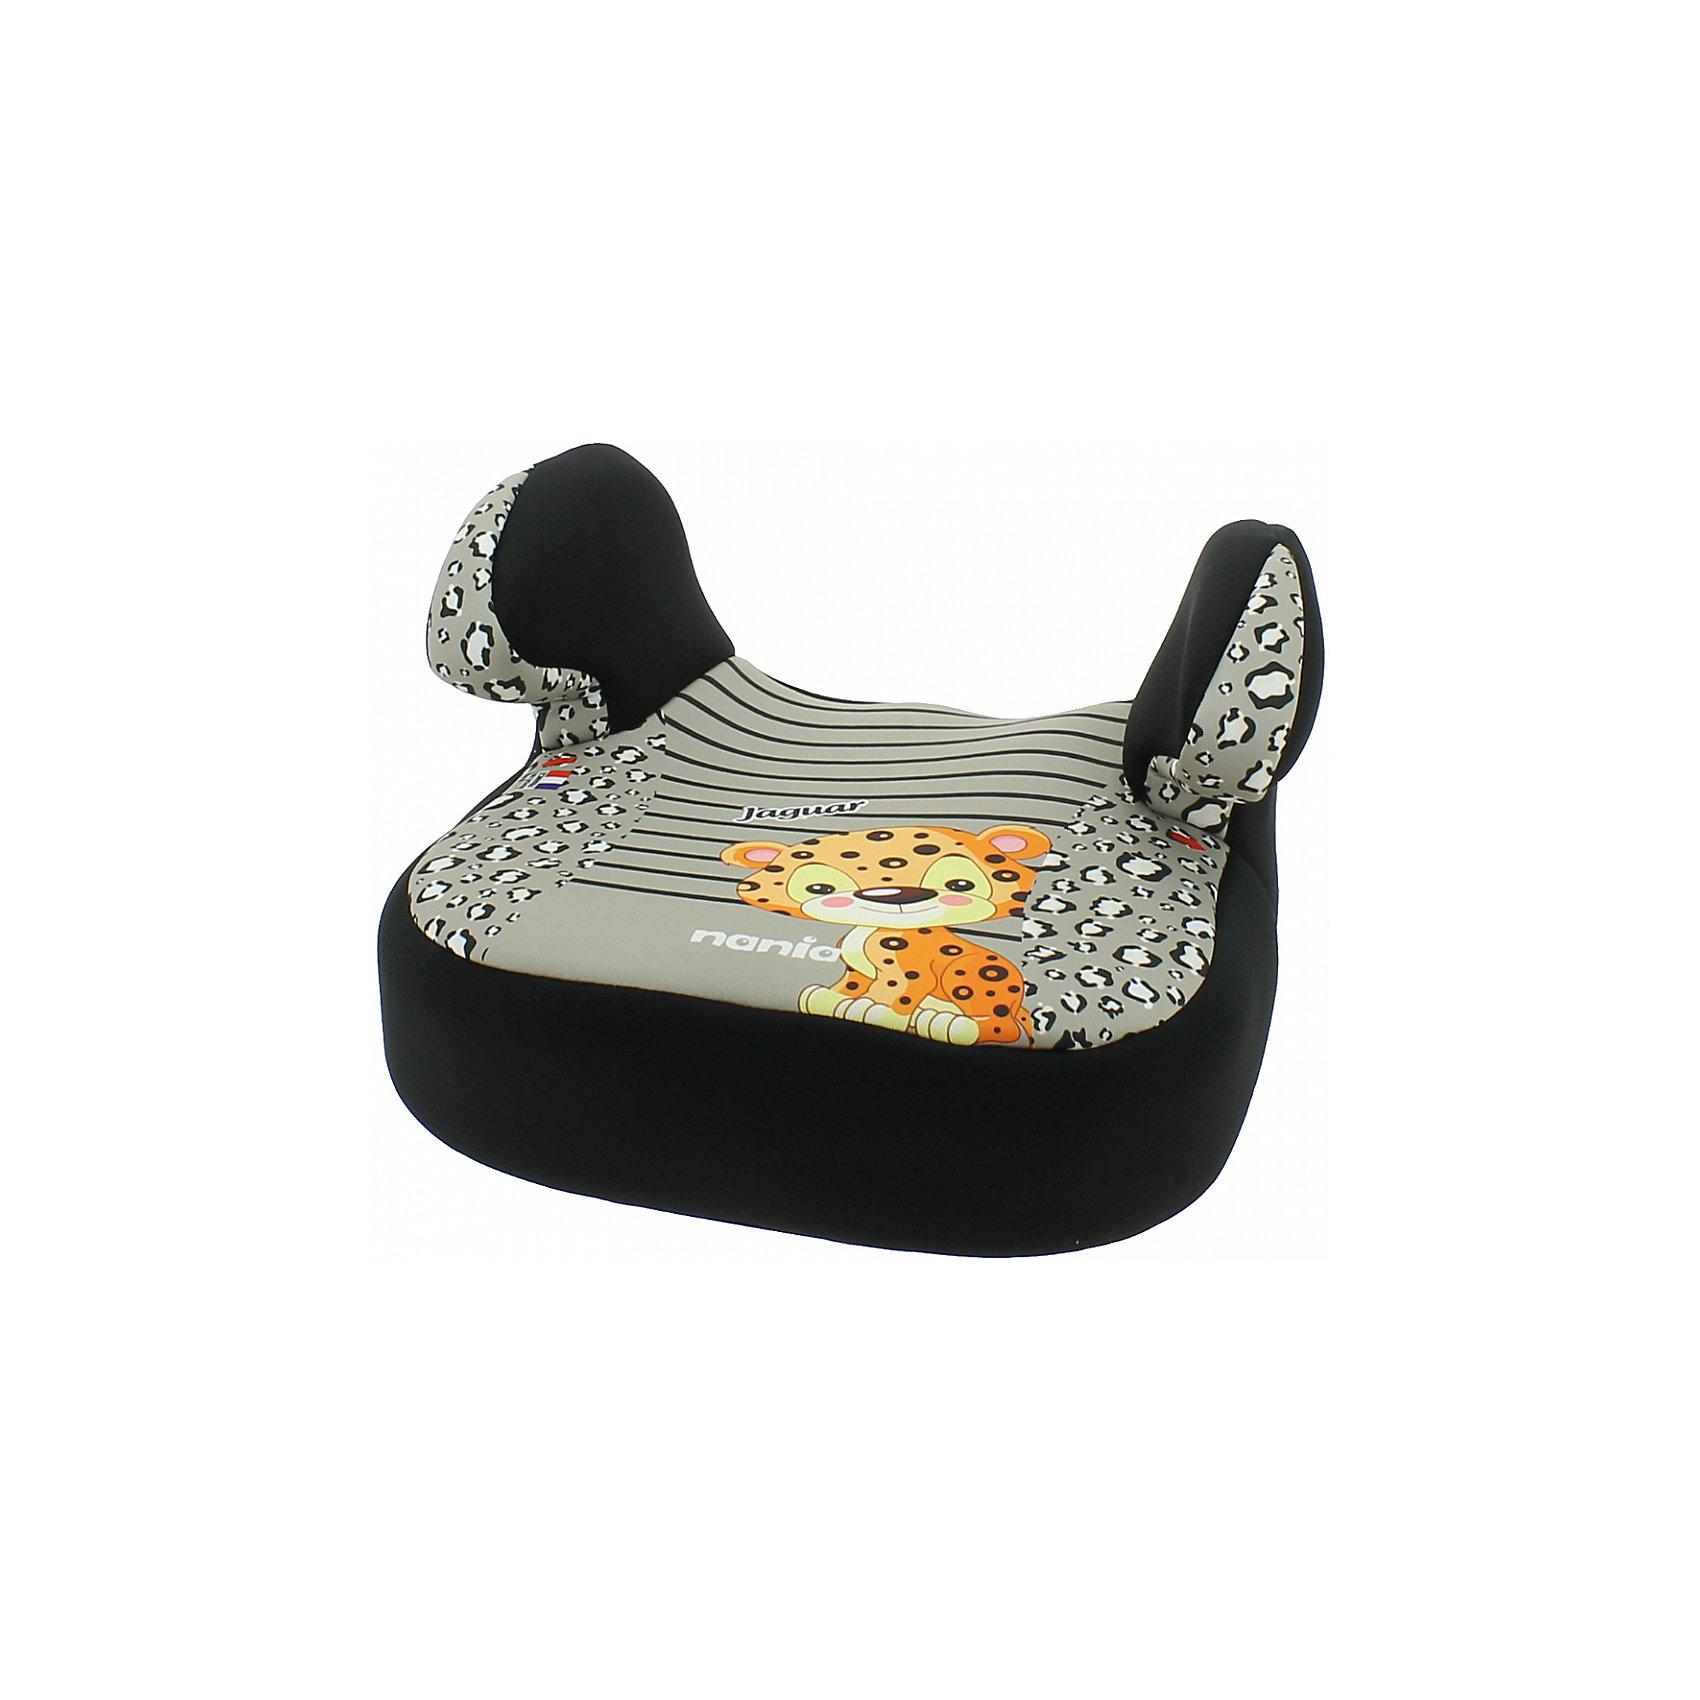 Бустер Dream 15-36 кг., Nania, jaguarБустер Dream от Nania позволит перевозить ребенка, не беспокоясь при этом о его безопасности. Он предназначен для детей весом от 15 до 36 килограмм. Такой бустер обеспечит малышу не только безопасность, но и комфорт. Ребенок закрепляется  штатными автомобильными ремнями безопасности. Подлокотники обеспечат малышу дополнительное удобство.<br>Автокресло устанавливают по ходу движения. Бустер ставится в автомобилях с трехточечными ремнями безопасности на заднем сиденье с краю. Такое кресло дает возможность свободно путешествовать, ездить в гости и при этом  быть рядом с малышом. Конструкция - очень удобная и прочная. Изделие произведено из качественных и безопасных для малышей материалов, оно соответствуют всем современным требованиям безопасности. Дополнено съемным чехлом, который можно стирать. Соответствует Европейскому Стандарту Безопасности ECE R44/03.<br> <br>Дополнительная информация:<br><br>цвет: серый, с принтом;<br>подлокотники;<br>материал: текстиль, пластик;<br>вес ребенка:  15 до 36 кг;<br>вес кресла: 6,7 кг;<br>съемный чехол.<br><br>Бустер Dream 15-36 кг., rock от компании Nania можно купить в нашем магазине.<br><br>Ширина мм: 410<br>Глубина мм: 430<br>Высота мм: 260<br>Вес г: 6720<br>Возраст от месяцев: 36<br>Возраст до месяцев: 144<br>Пол: Унисекс<br>Возраст: Детский<br>SKU: 4860498